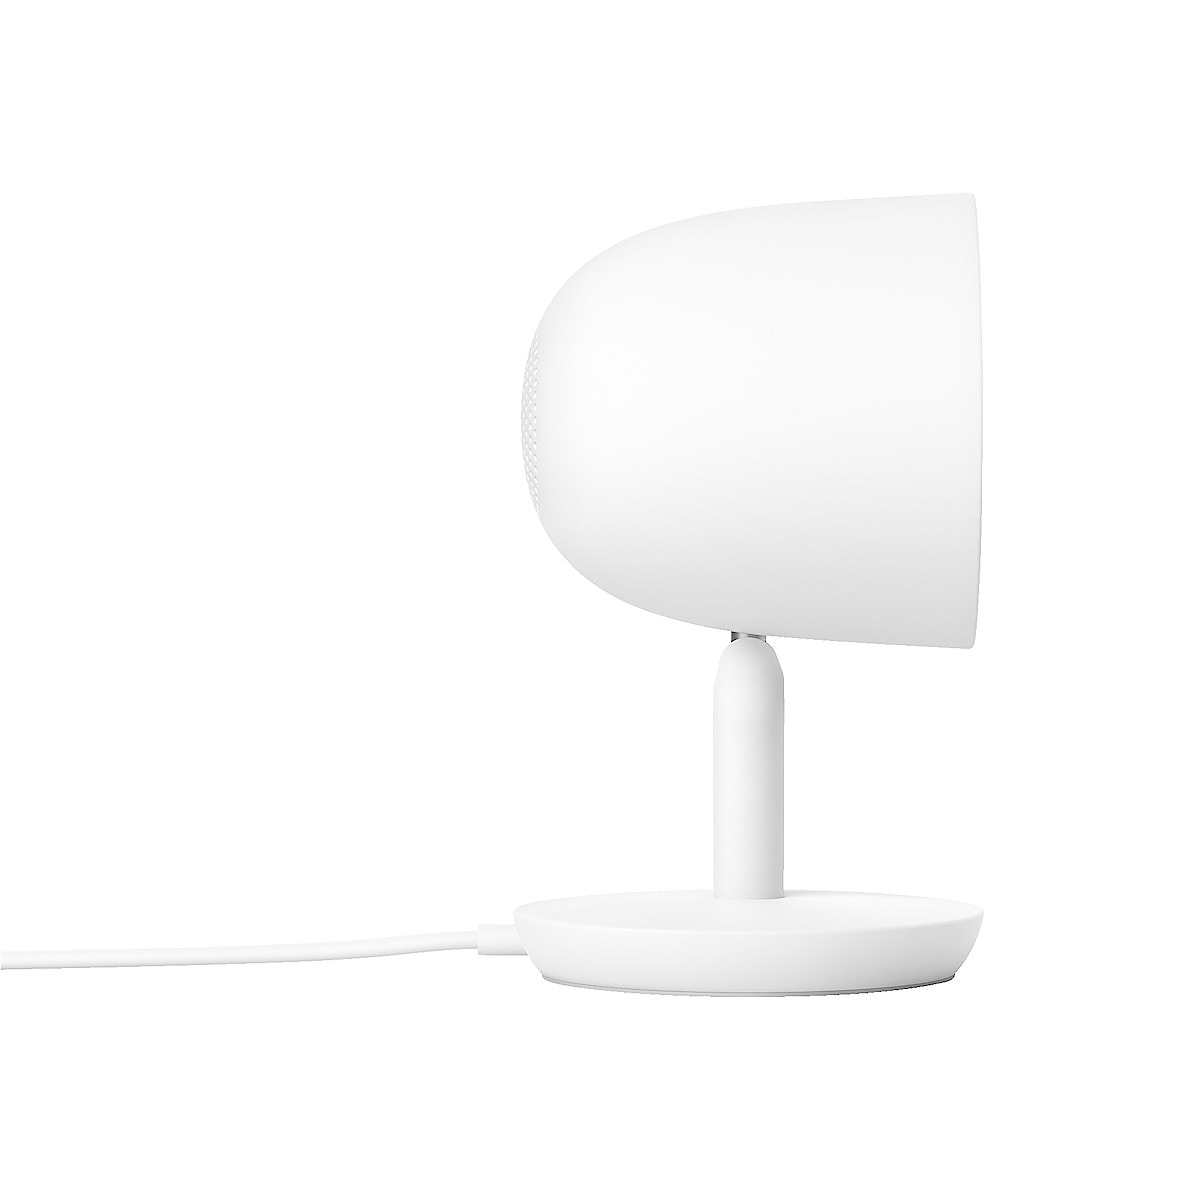 Övervakningskamera Google Nest Cam IQ Indoor